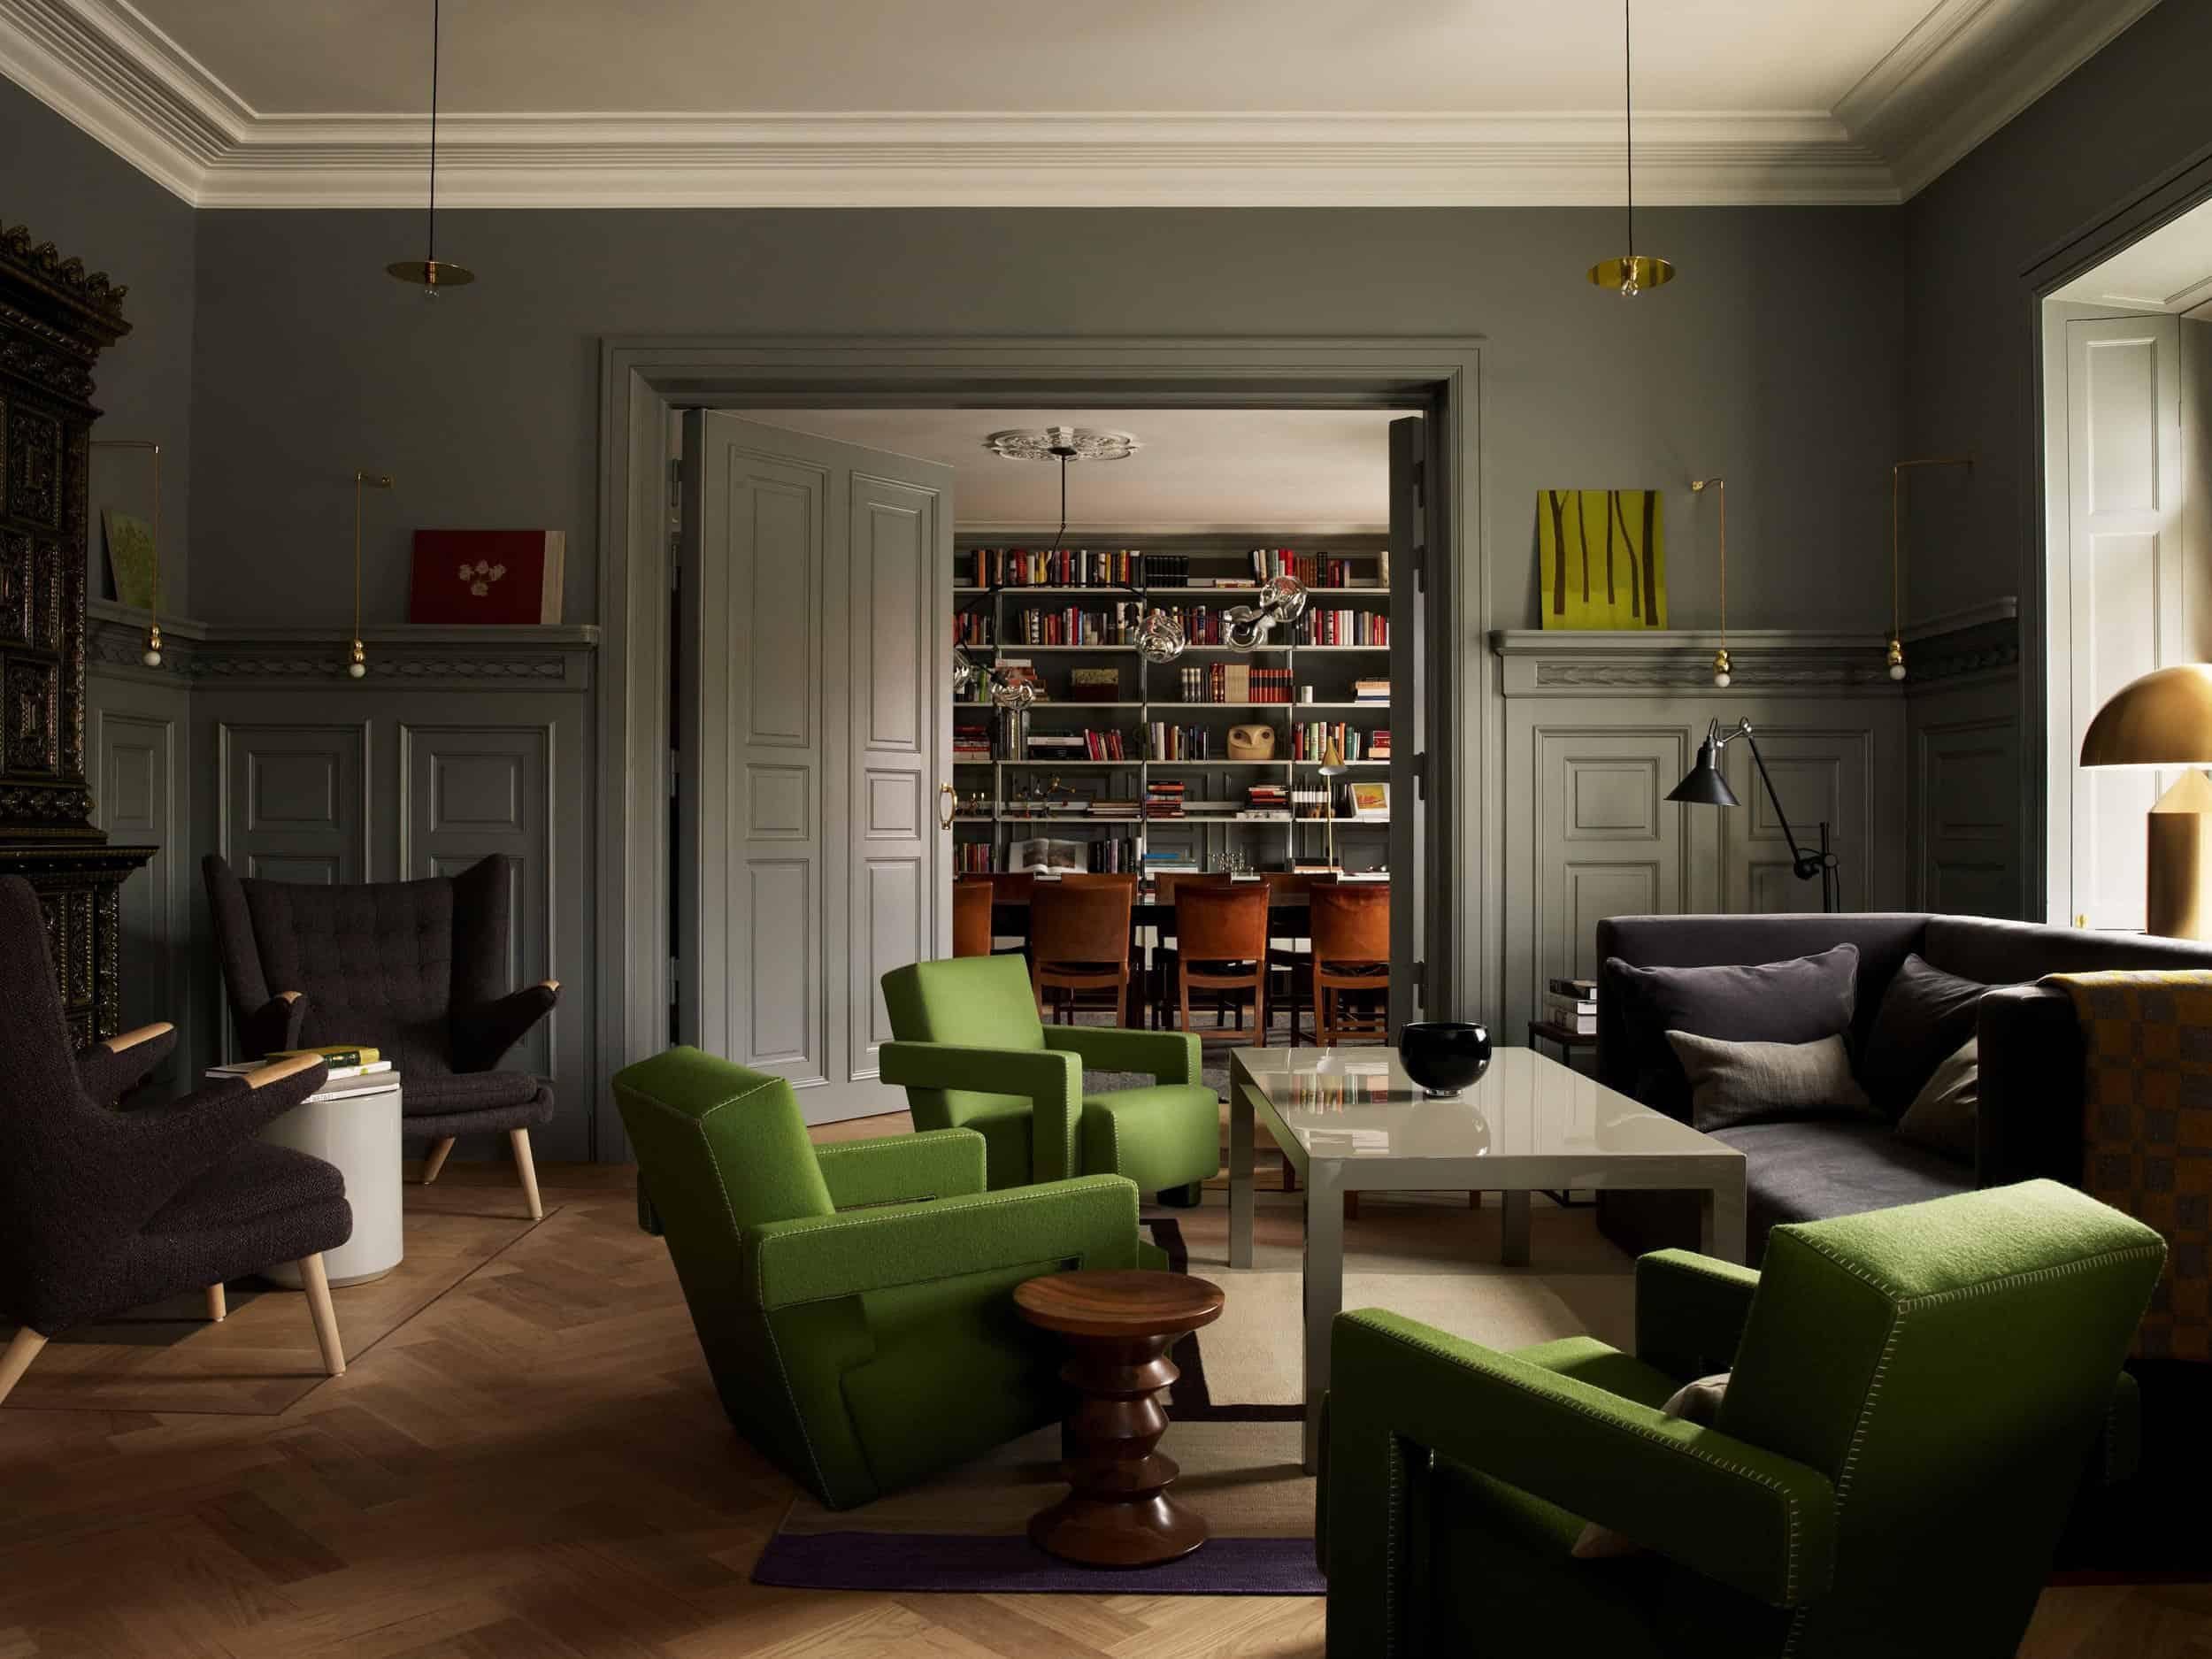 Emily Henderson Modern Victorian Trend Eclectic Boho Moody Velvet Tufted Fringe Detailed Dramatic Living Room Bedroom 3